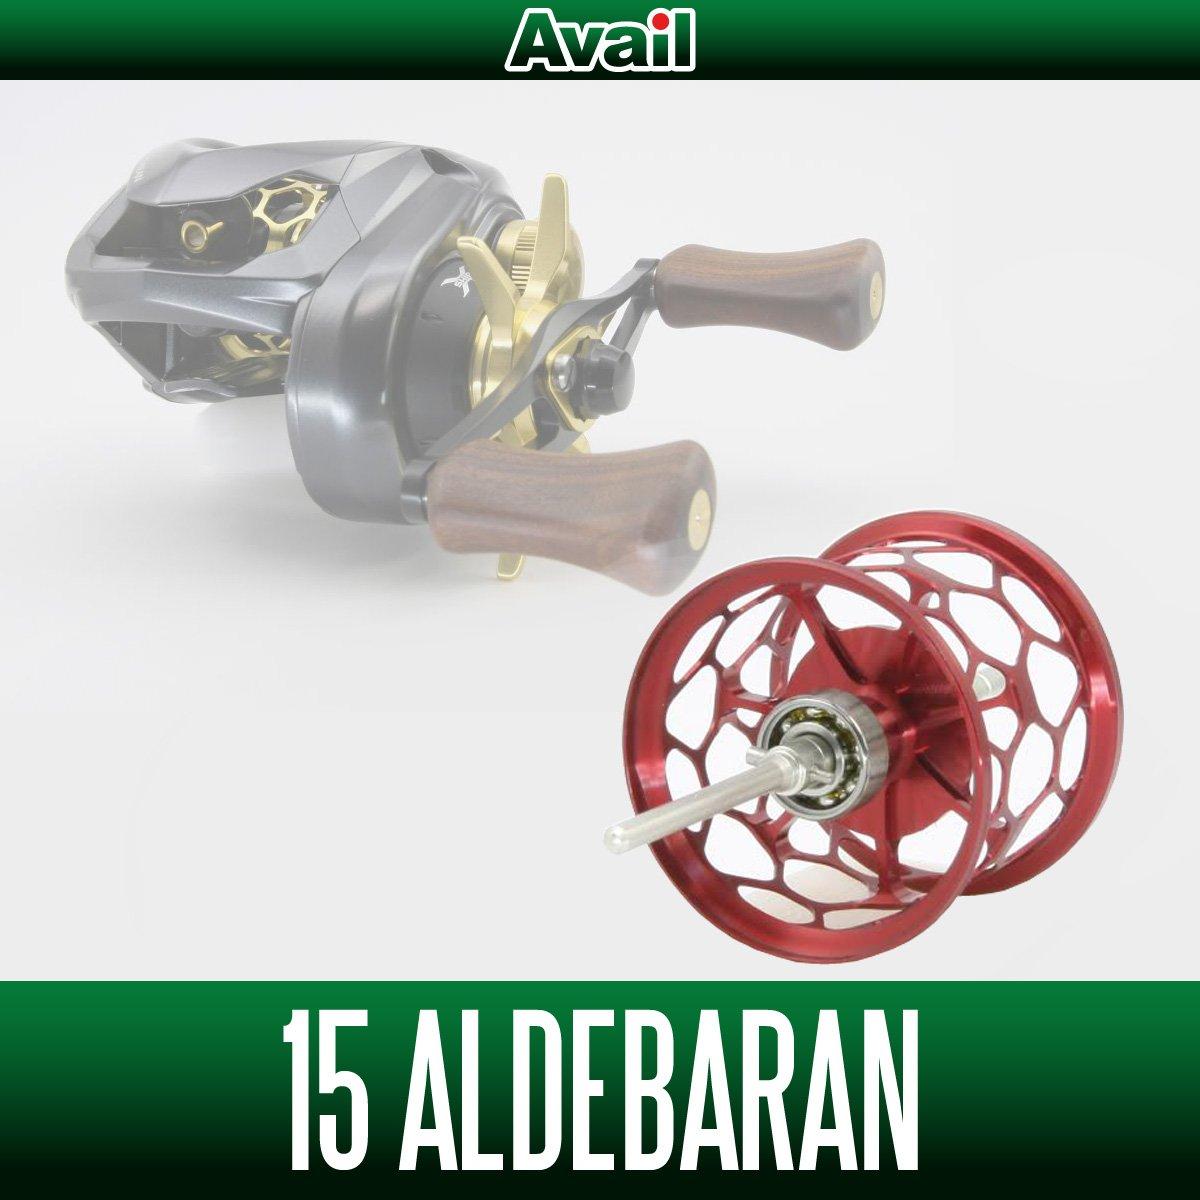 【Avail/アベイル】 シマノ 15アルデバラン用 マイクロキャストスプール ALD1518TRI レッド   B01DTUEMUQ